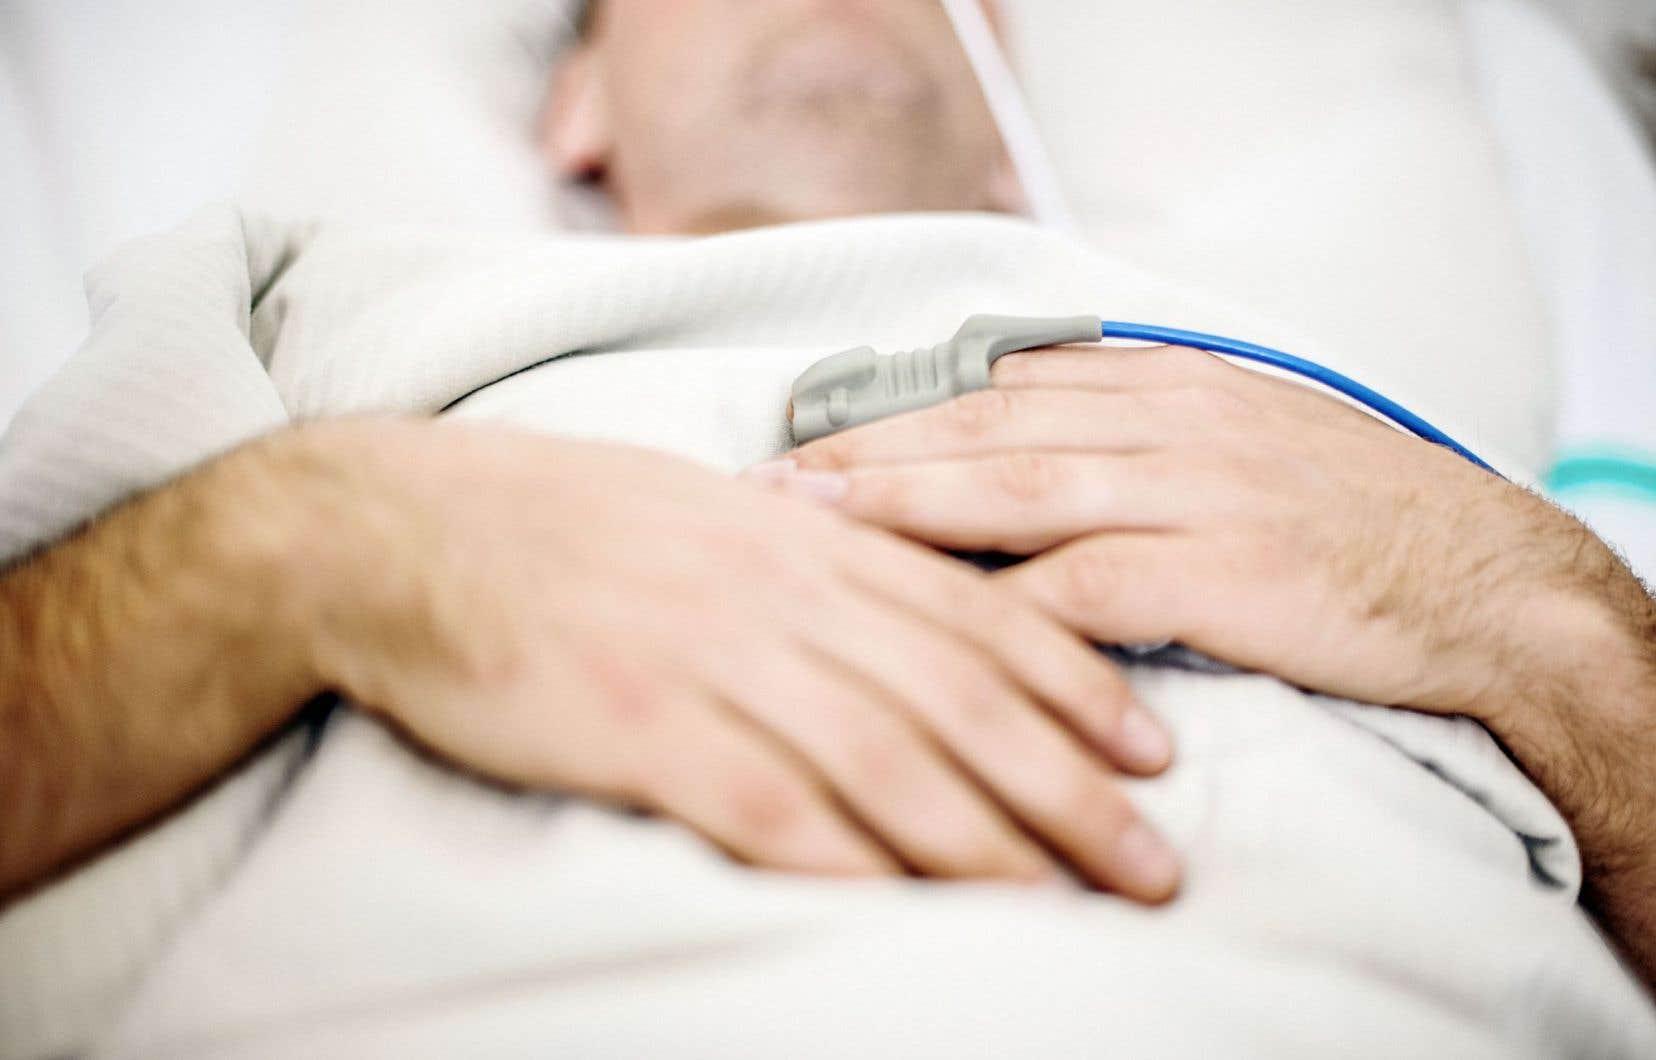 Aucun cas de don d'organe dans un contexte d'aide à mourir n'a été enregistré au Québec.